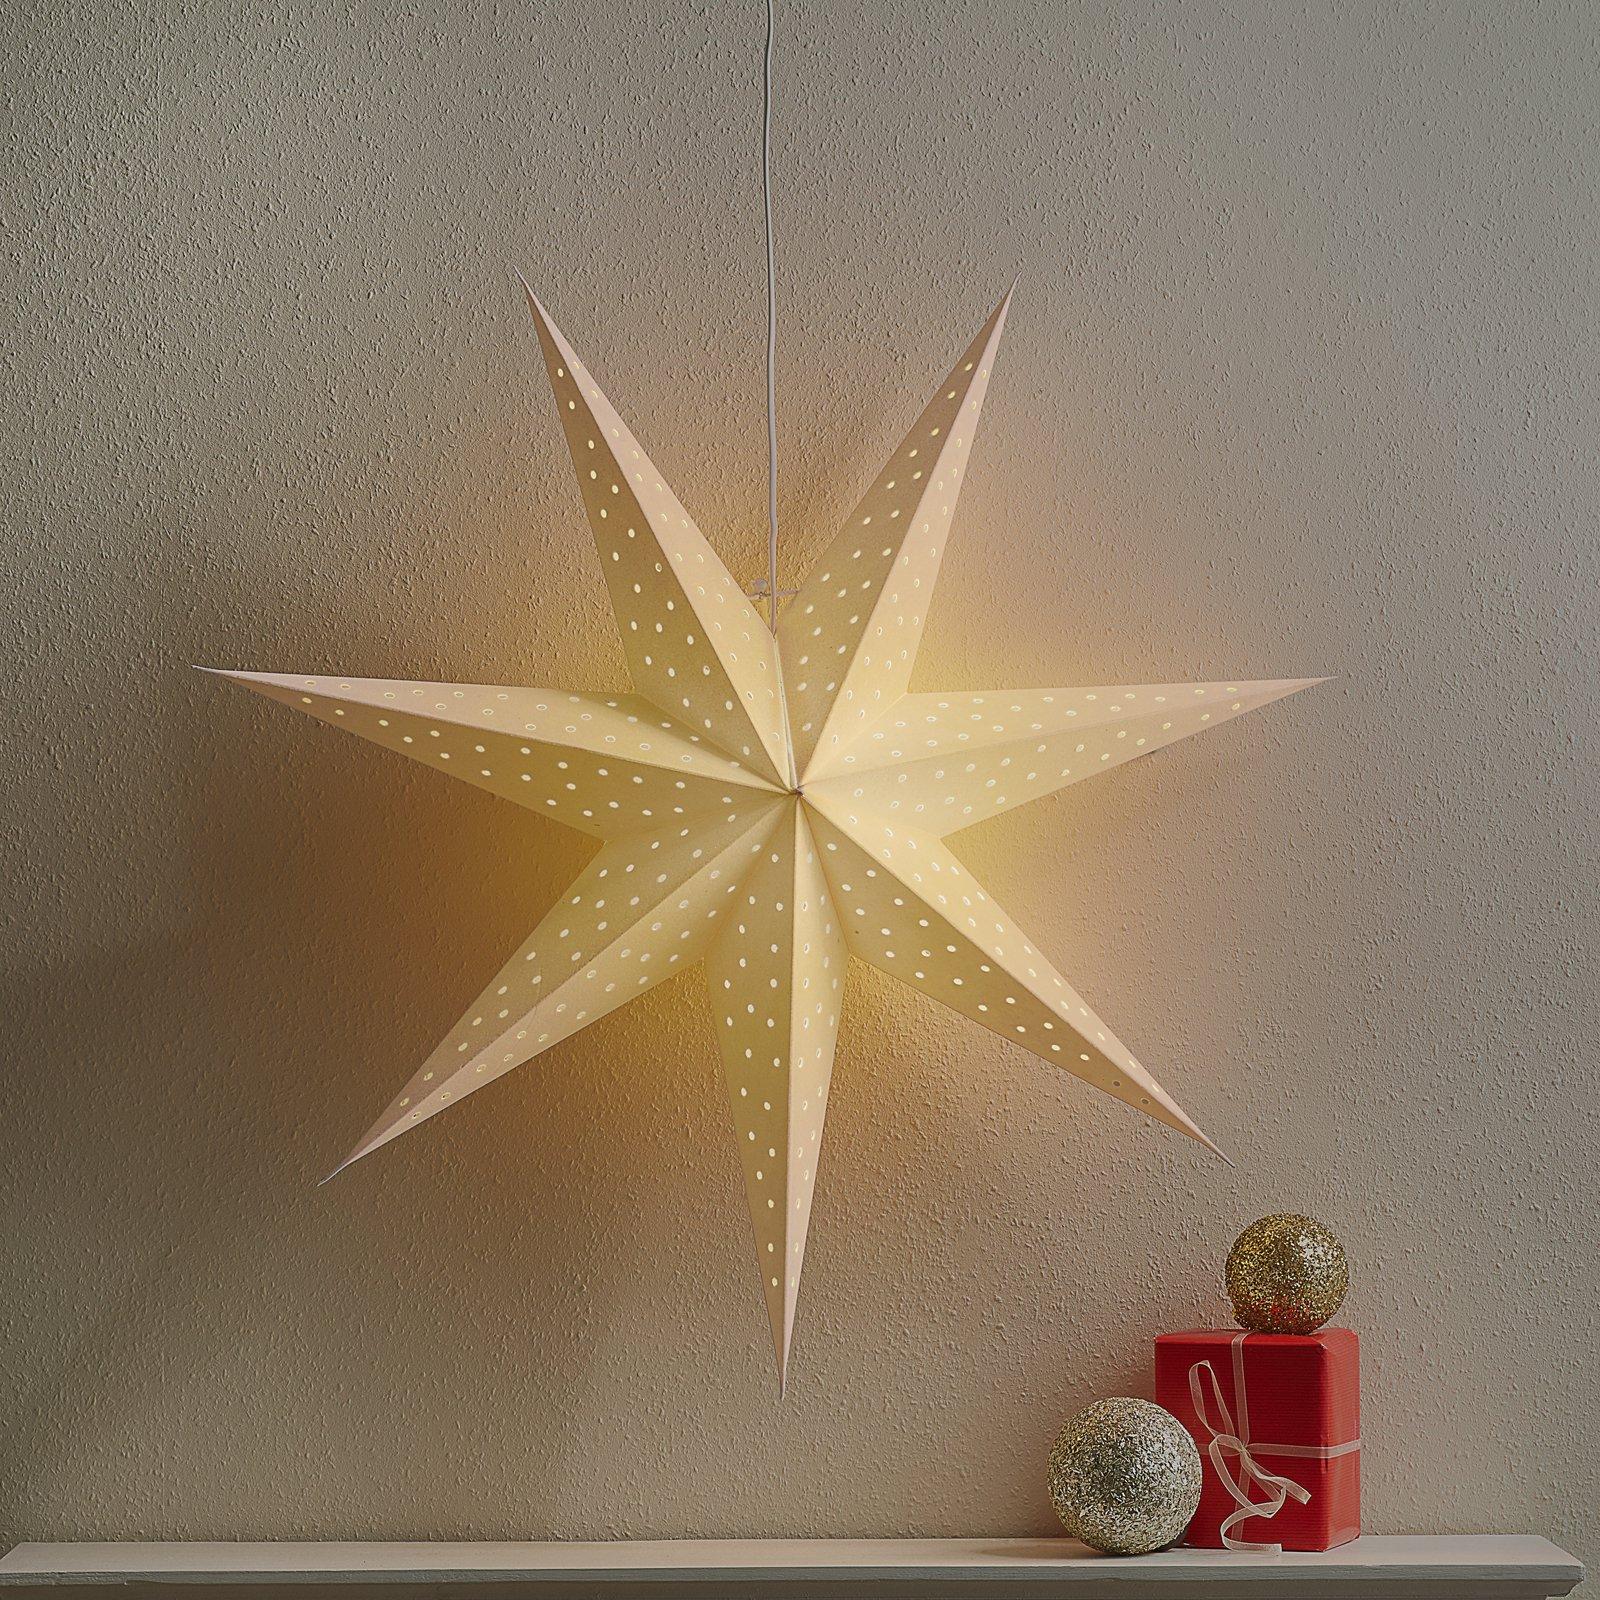 Stjerne Clara opph., fløyel-optikk Ø 75 cm, hvit